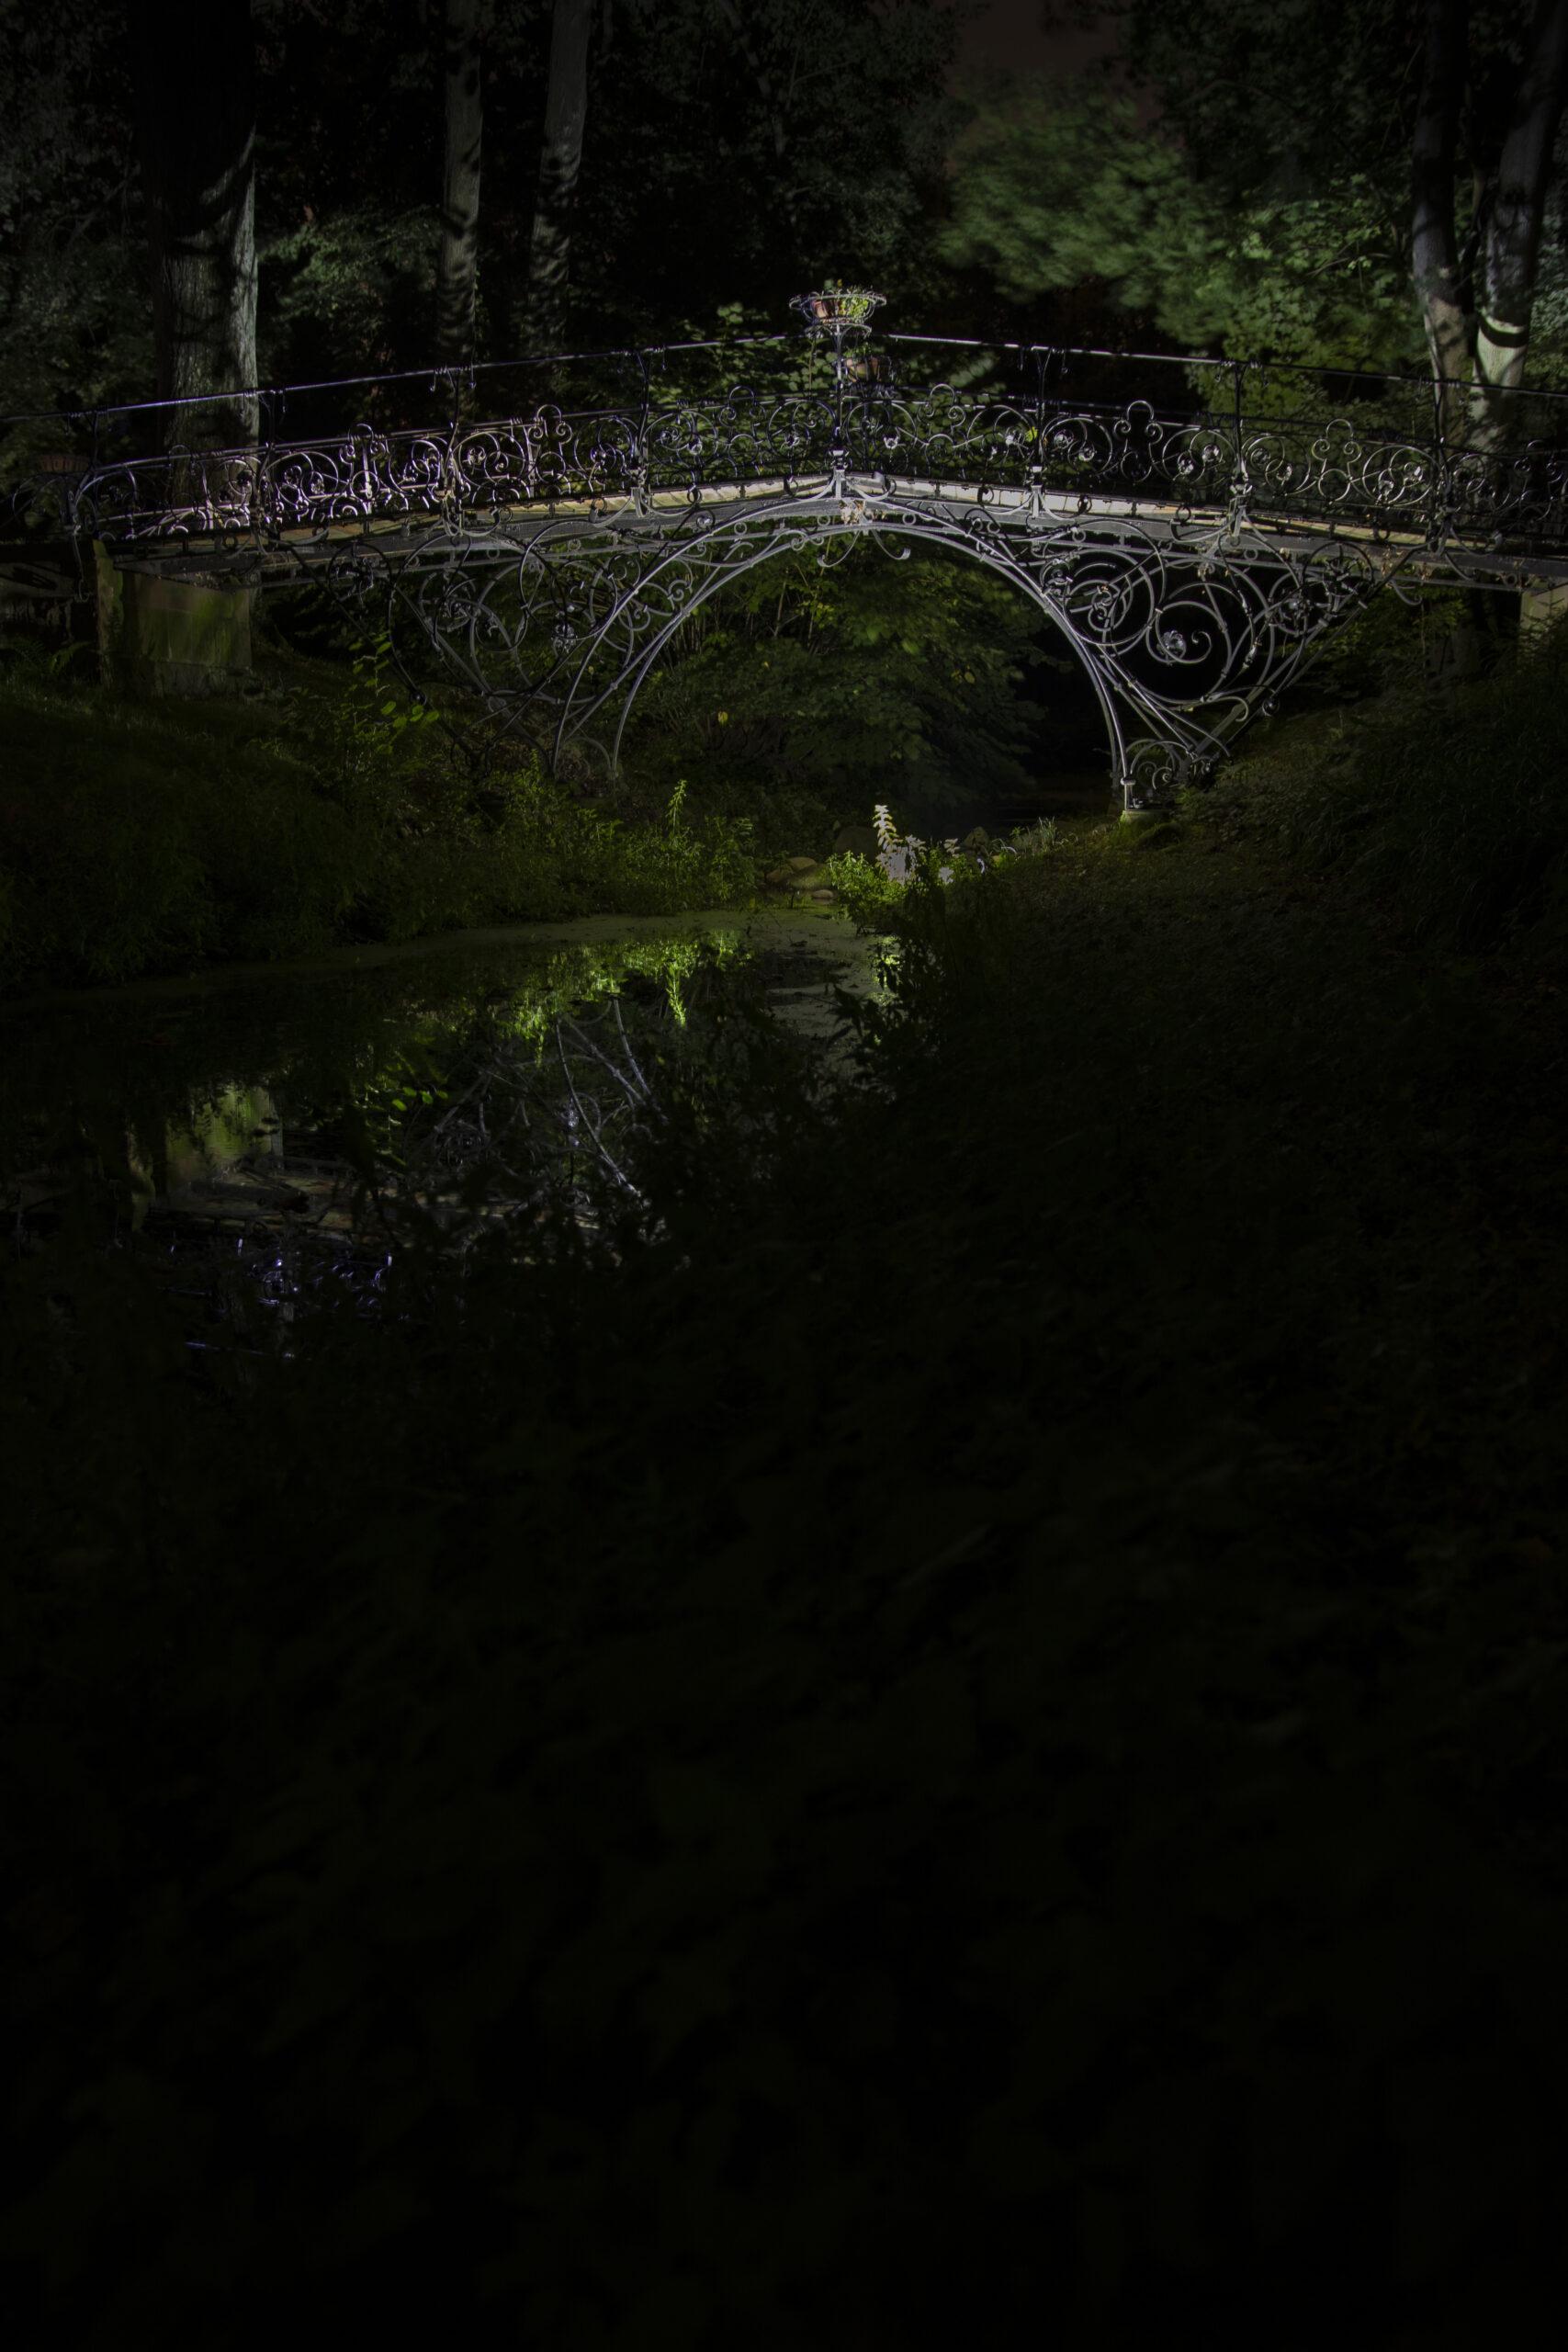 Knut Sander - Eiserne Brücke Ohlsdorfer Friedhof 17.09.2021 - Ohlsdorfer Friedhof Fußgängerbrücke Südteich